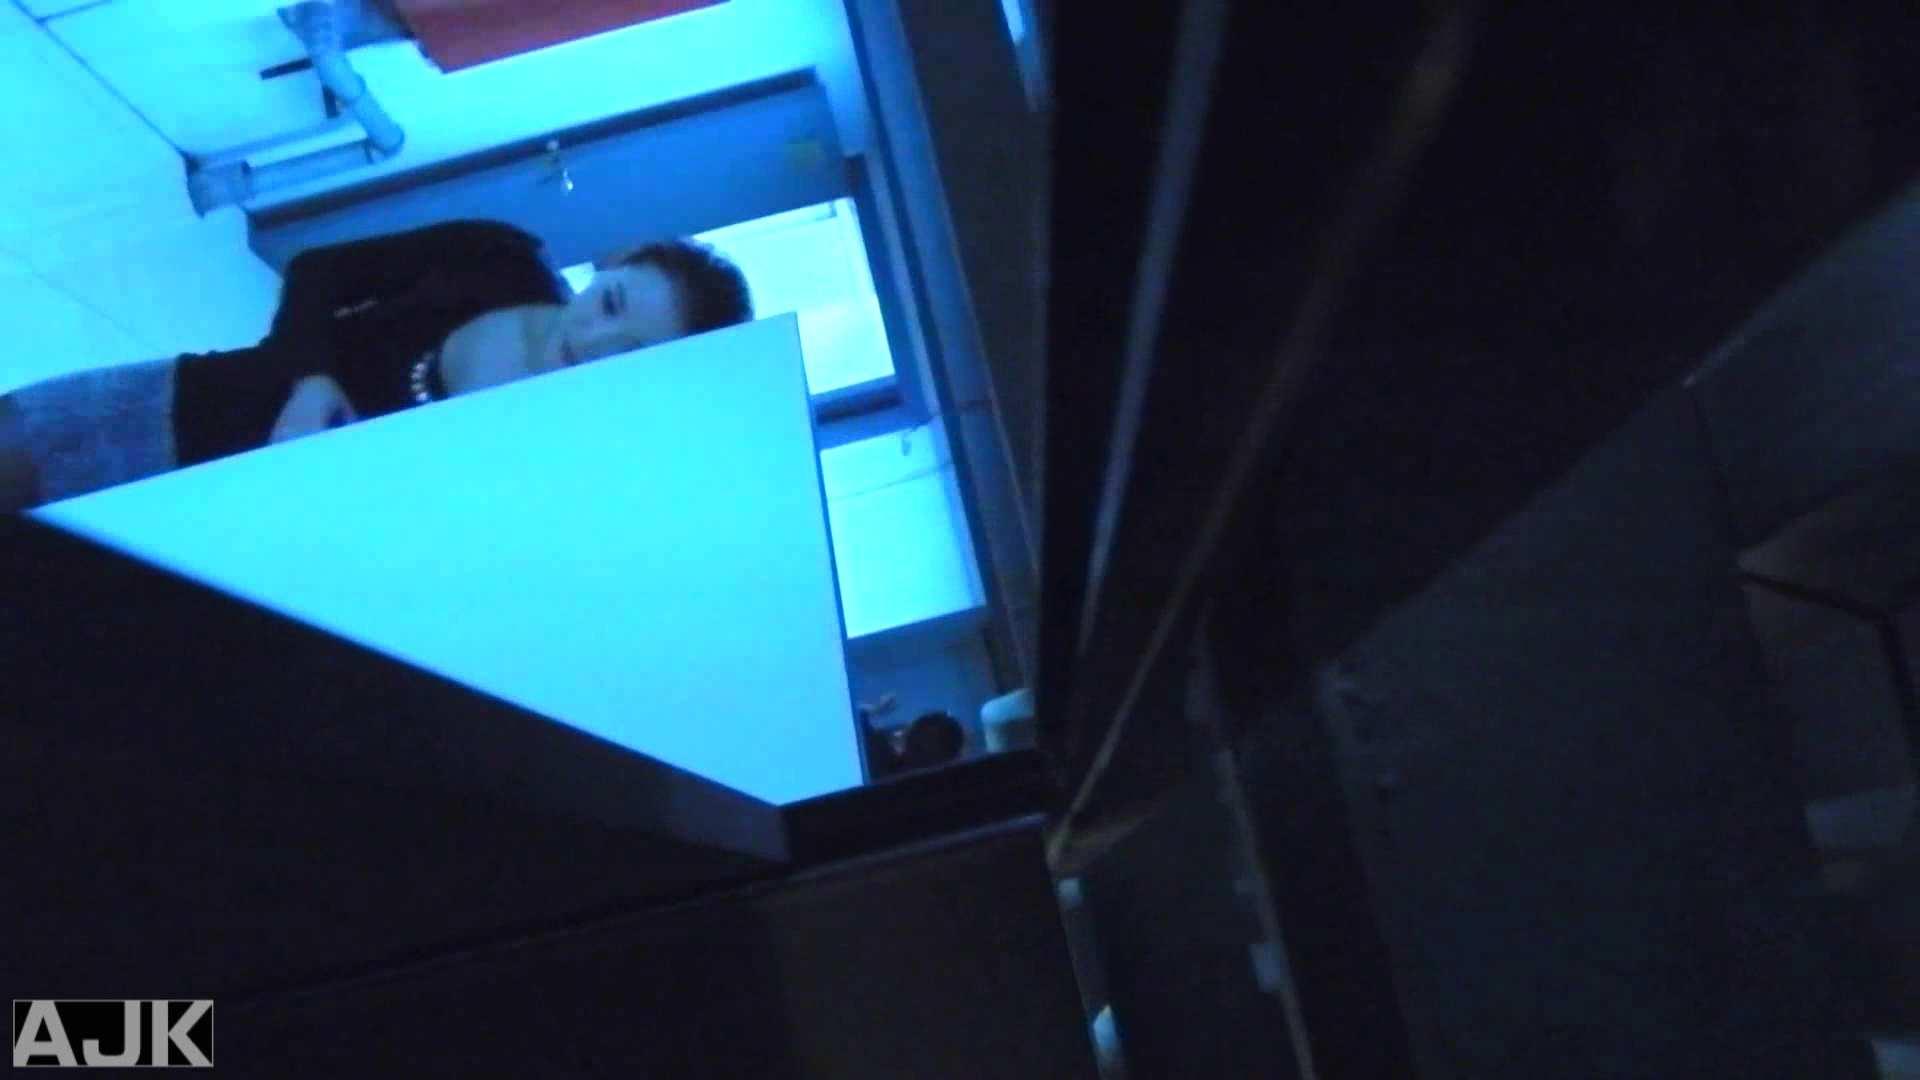 神降臨!史上最強の潜入かわや! vol.21 盗撮師作品 スケベ動画紹介 103pic 73